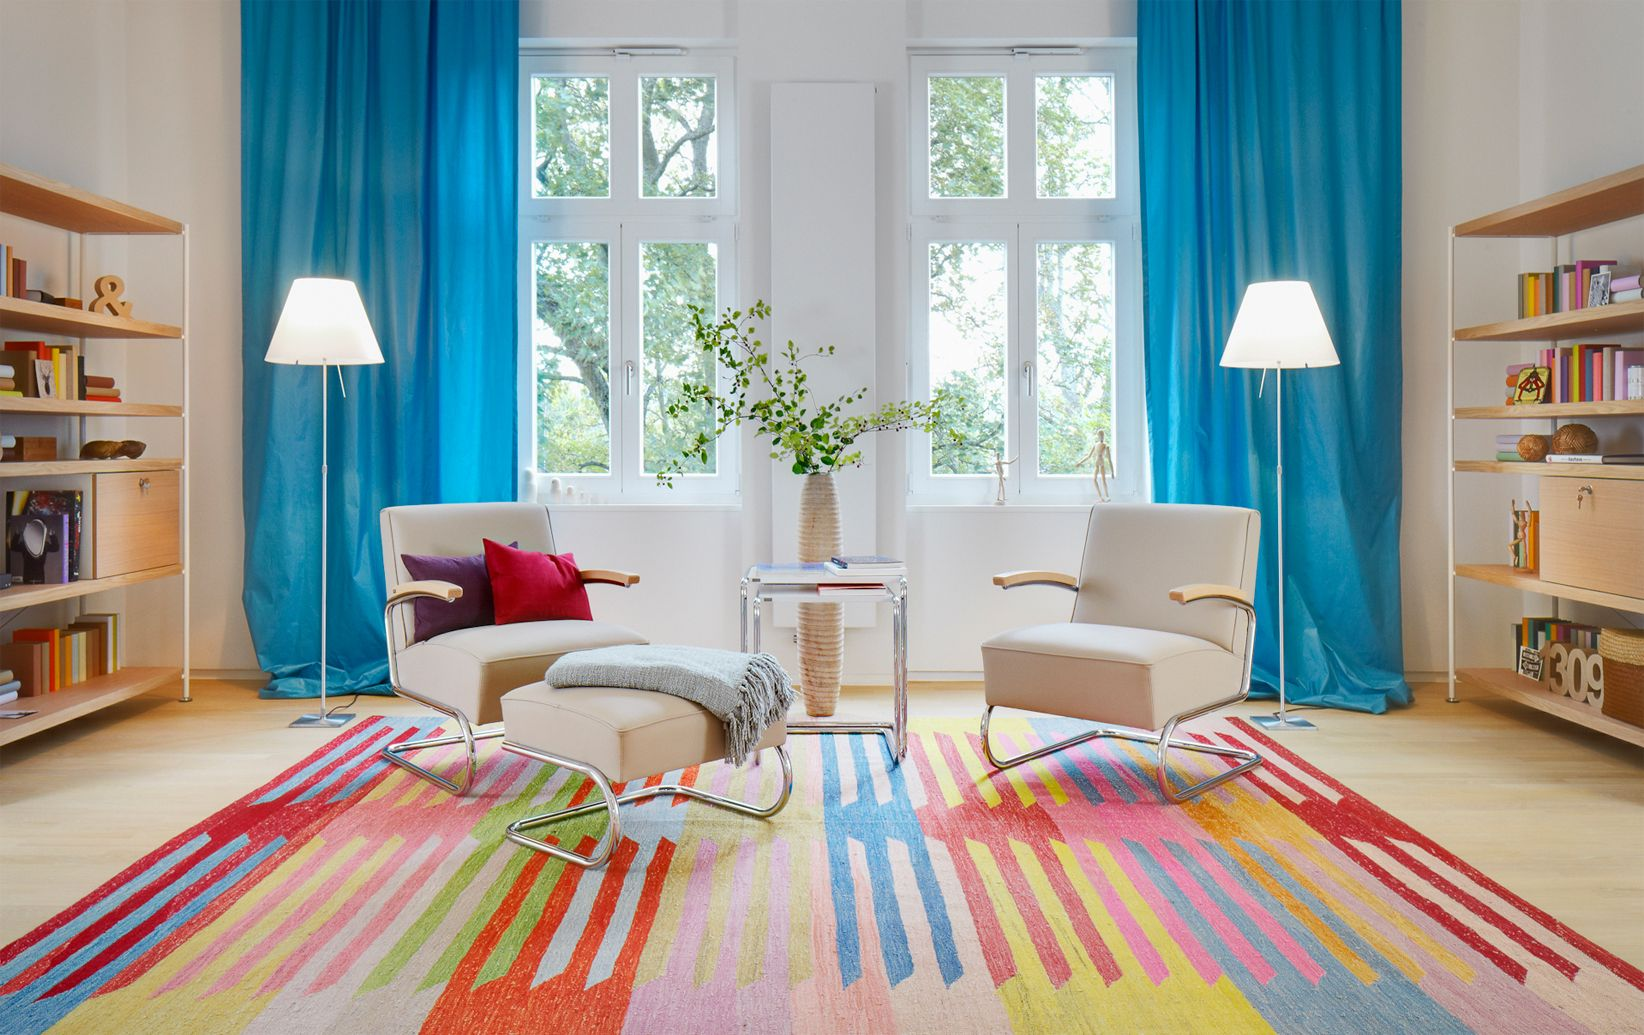 Thonet S 411 Hochwertige Möbel Sessel Zeitgenössische Möbel